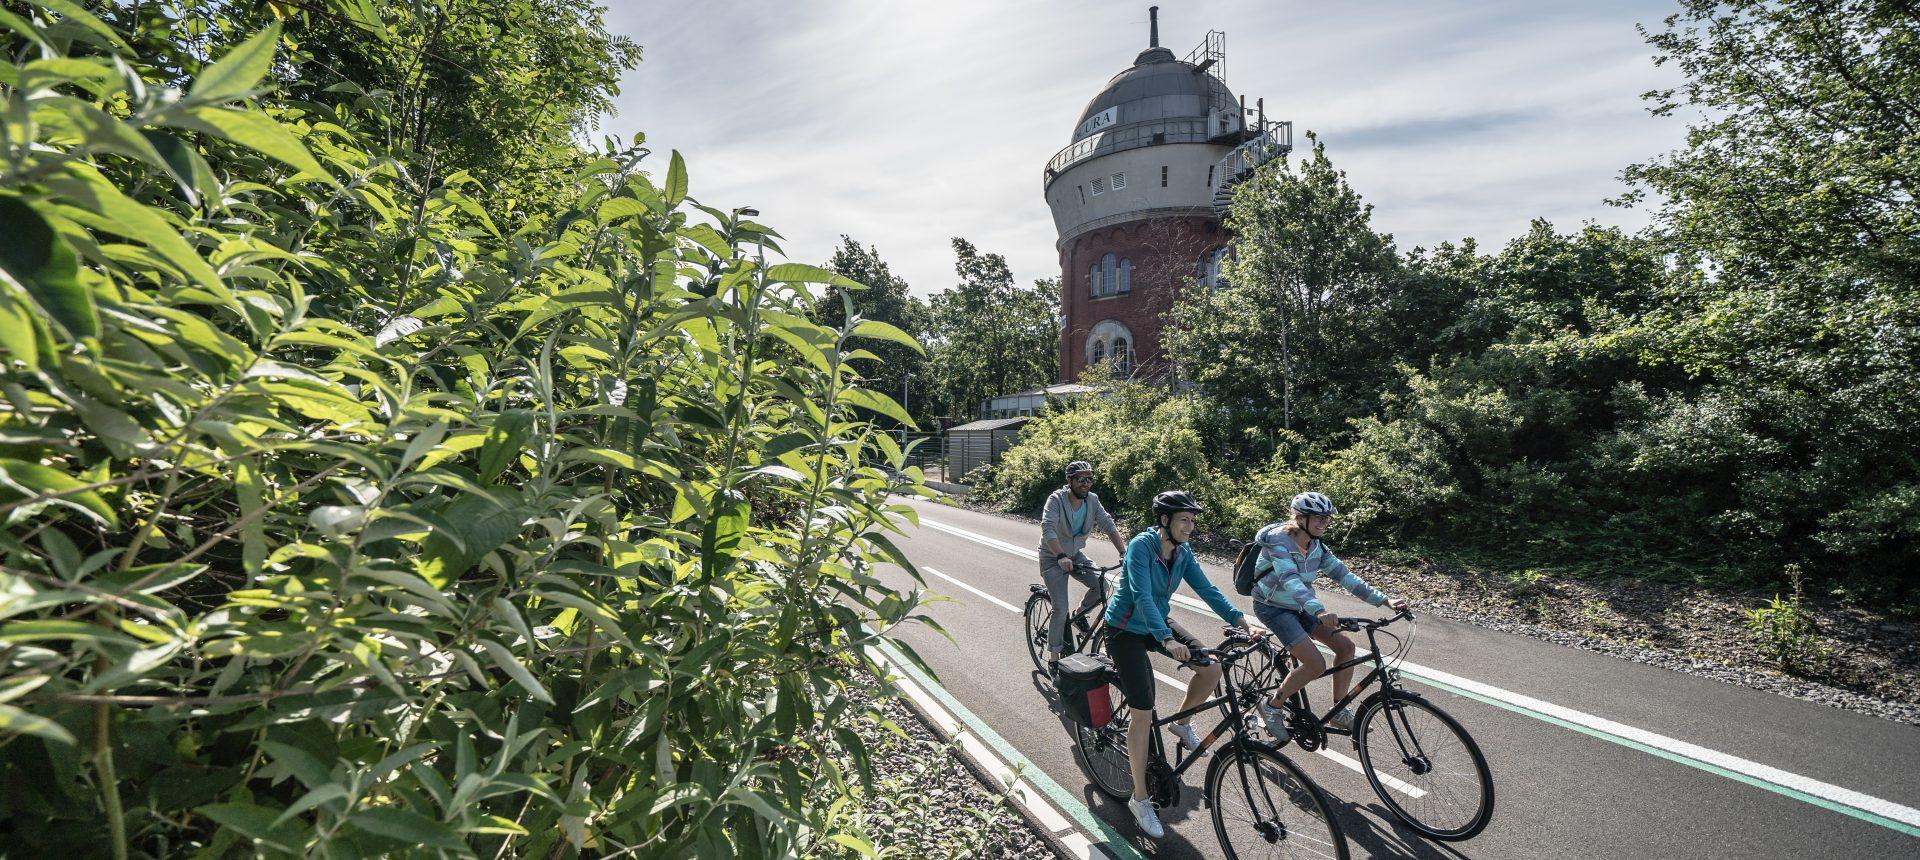 Das Foto zeigt Fahrradfahrer an der Camera Obscura